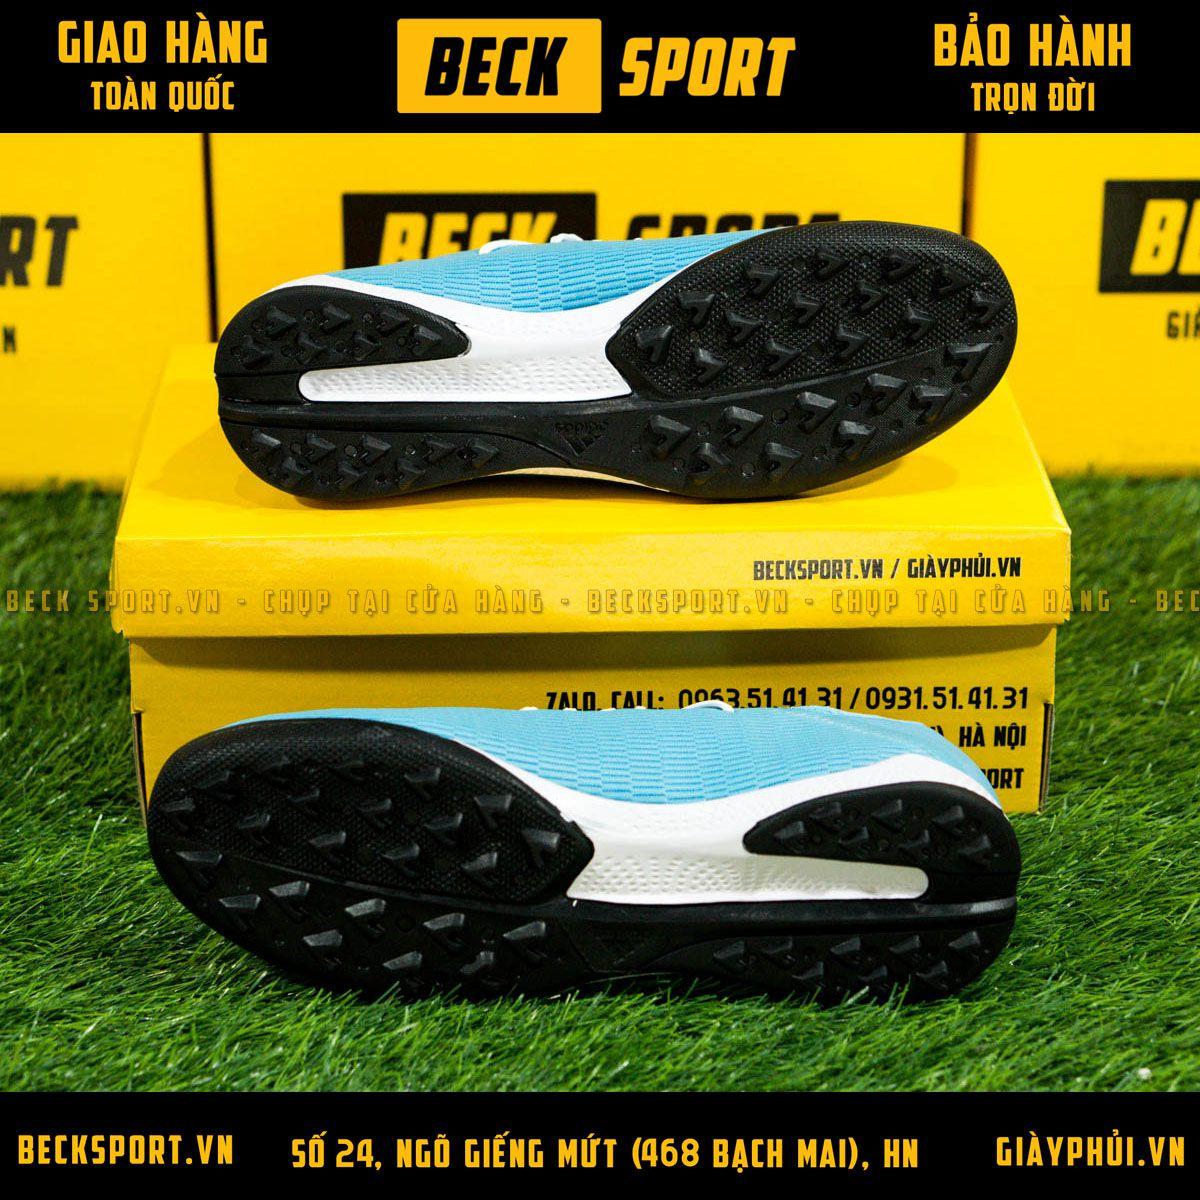 Giày Bóng Đá Adidas X 19.3 Xanh Biển Vạch Đen Đế Đen TF